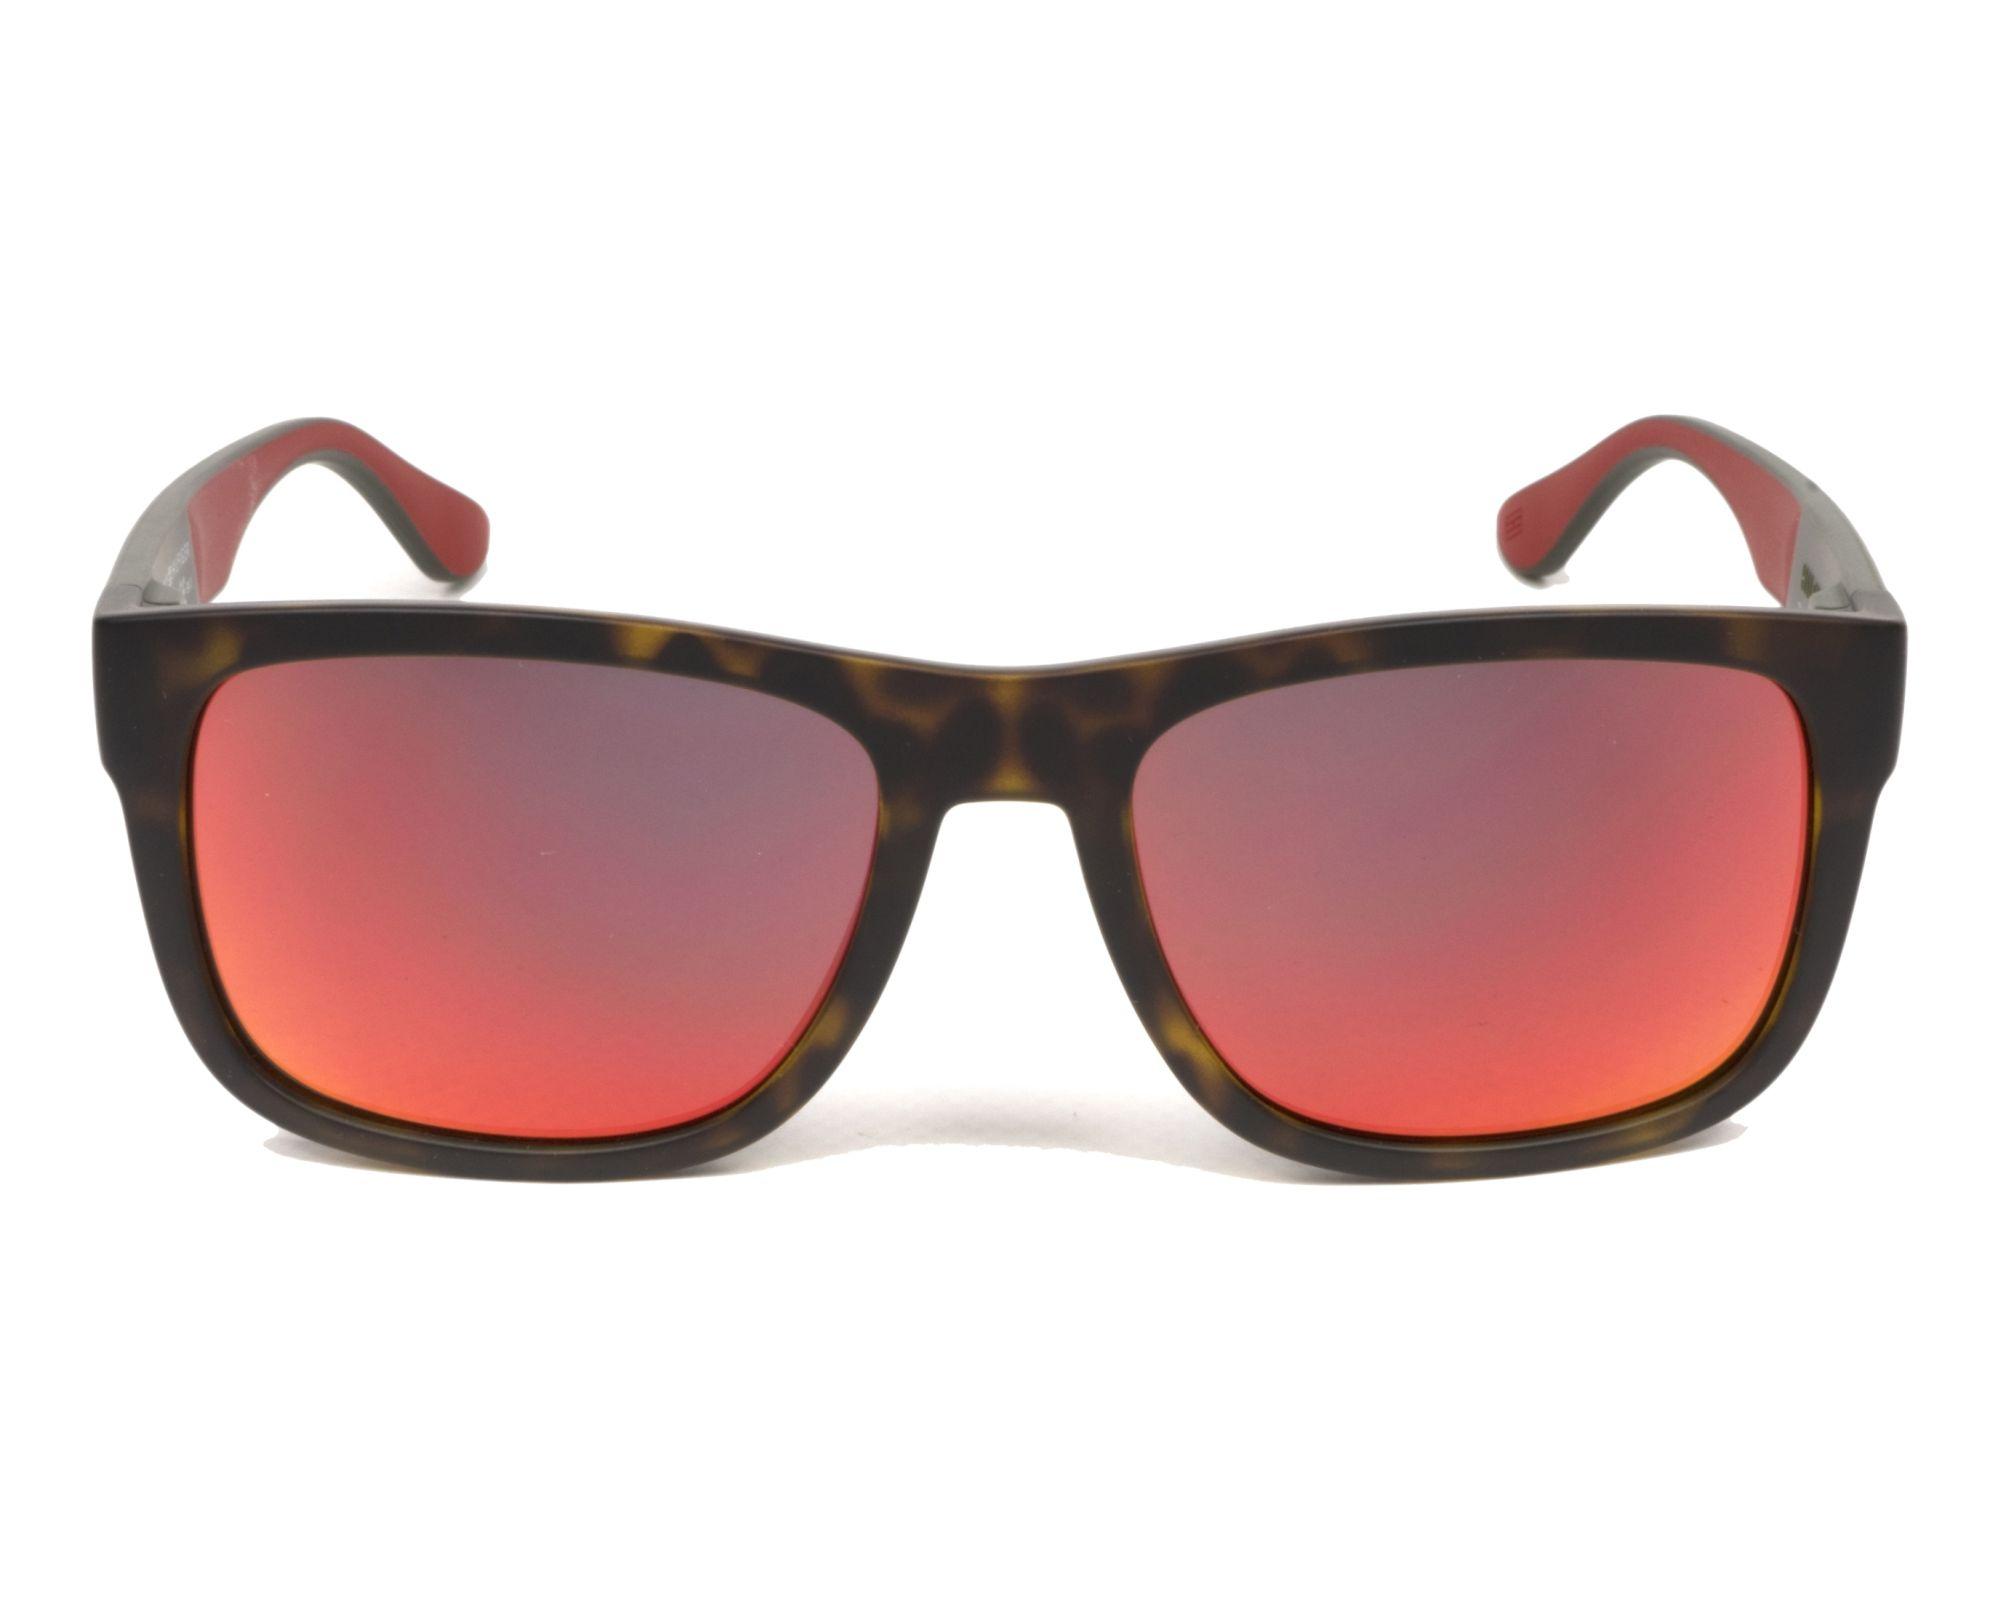 37b13cabe1 Gafas de sol Tommy Hilfiger TH-1556-S O63/UZ 56-18